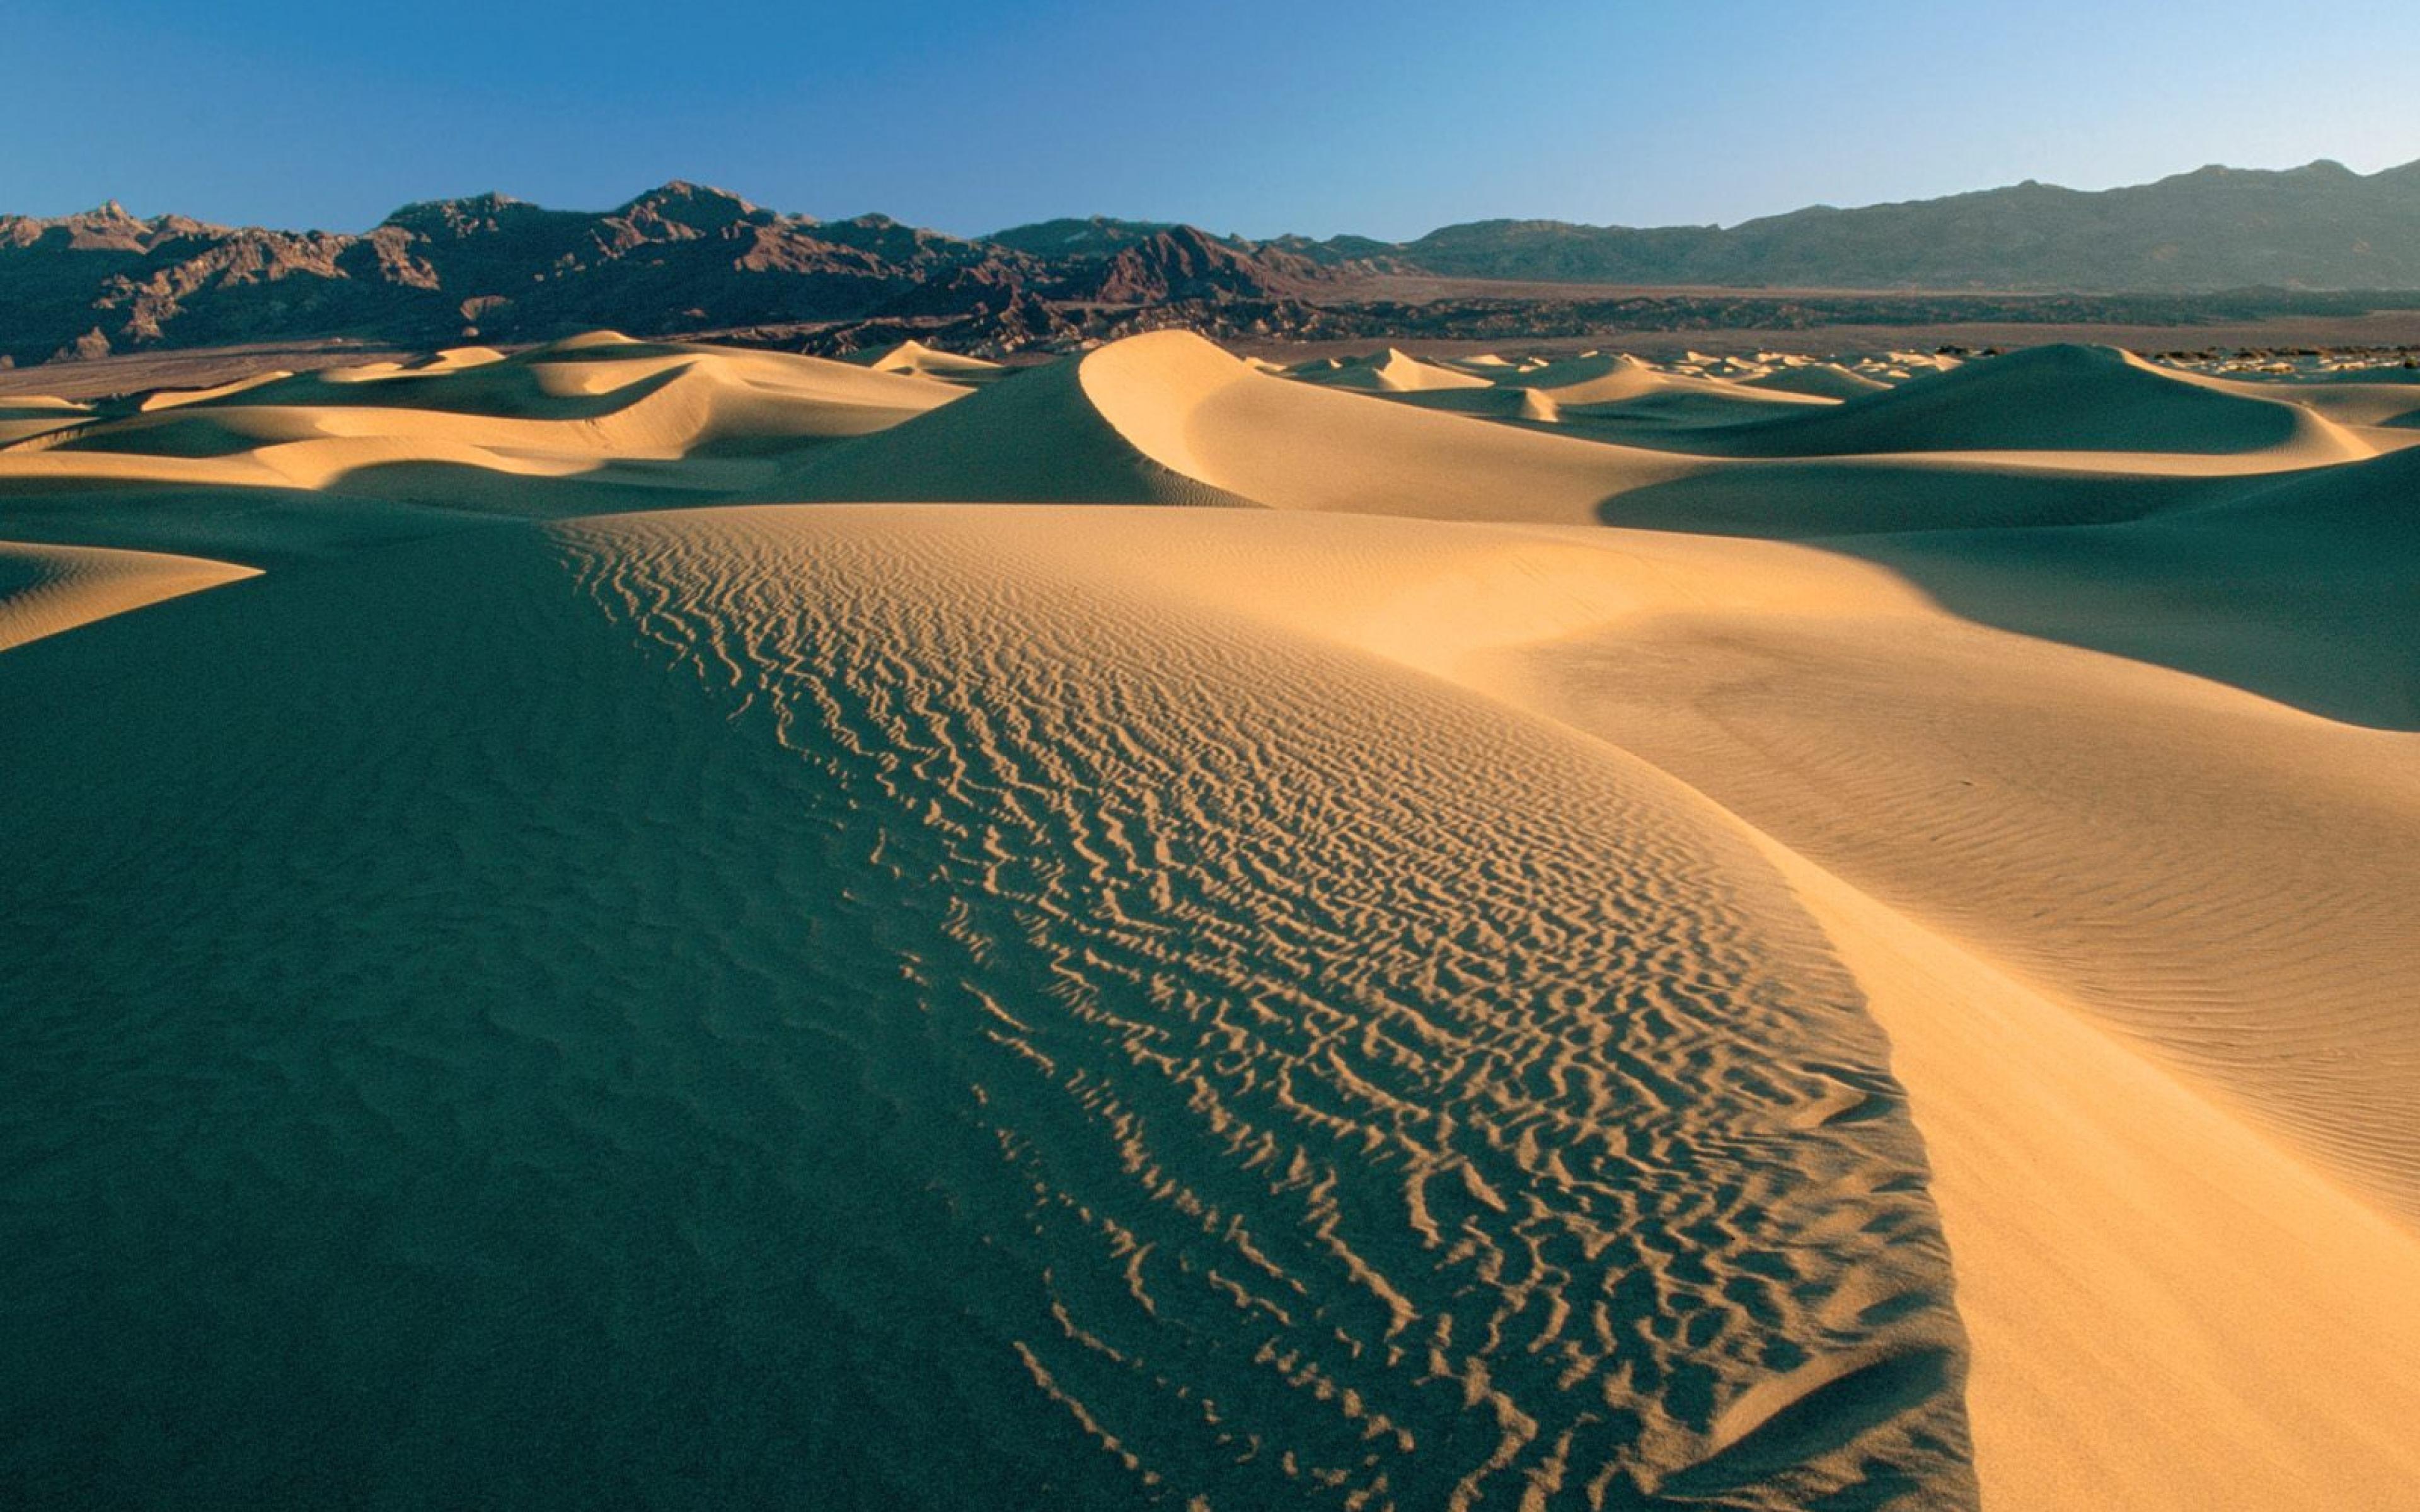 Sahara clipart desert sunset #13